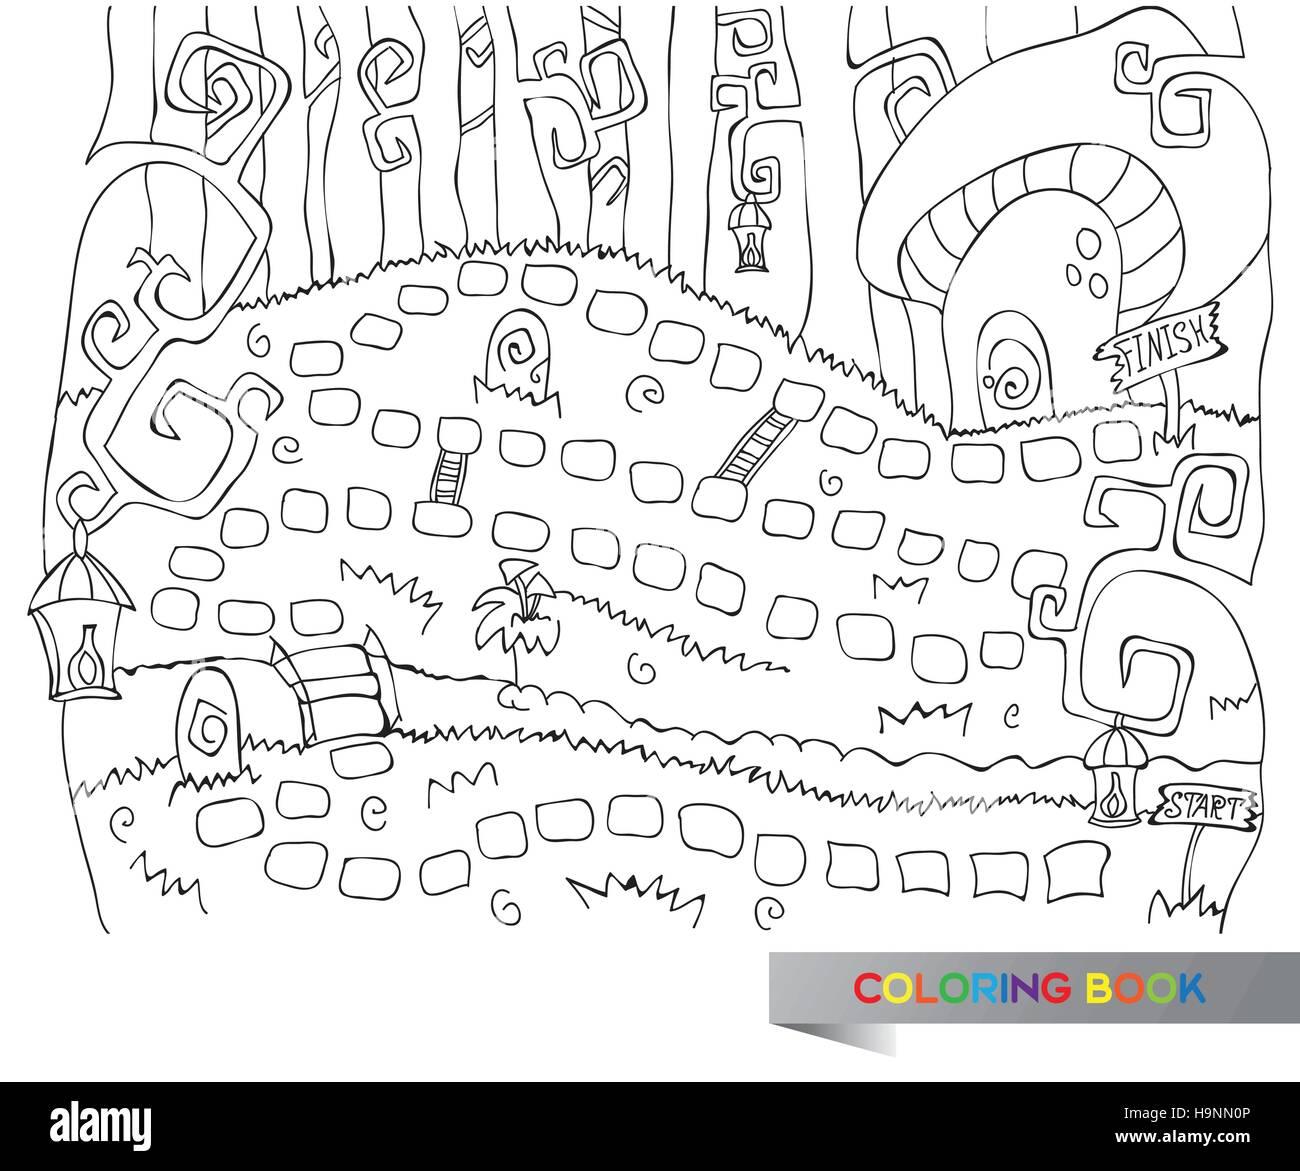 Gioco Per Colorare.Illustrazione Vettoriale Di Gioco Da Tavolo Per Bambini